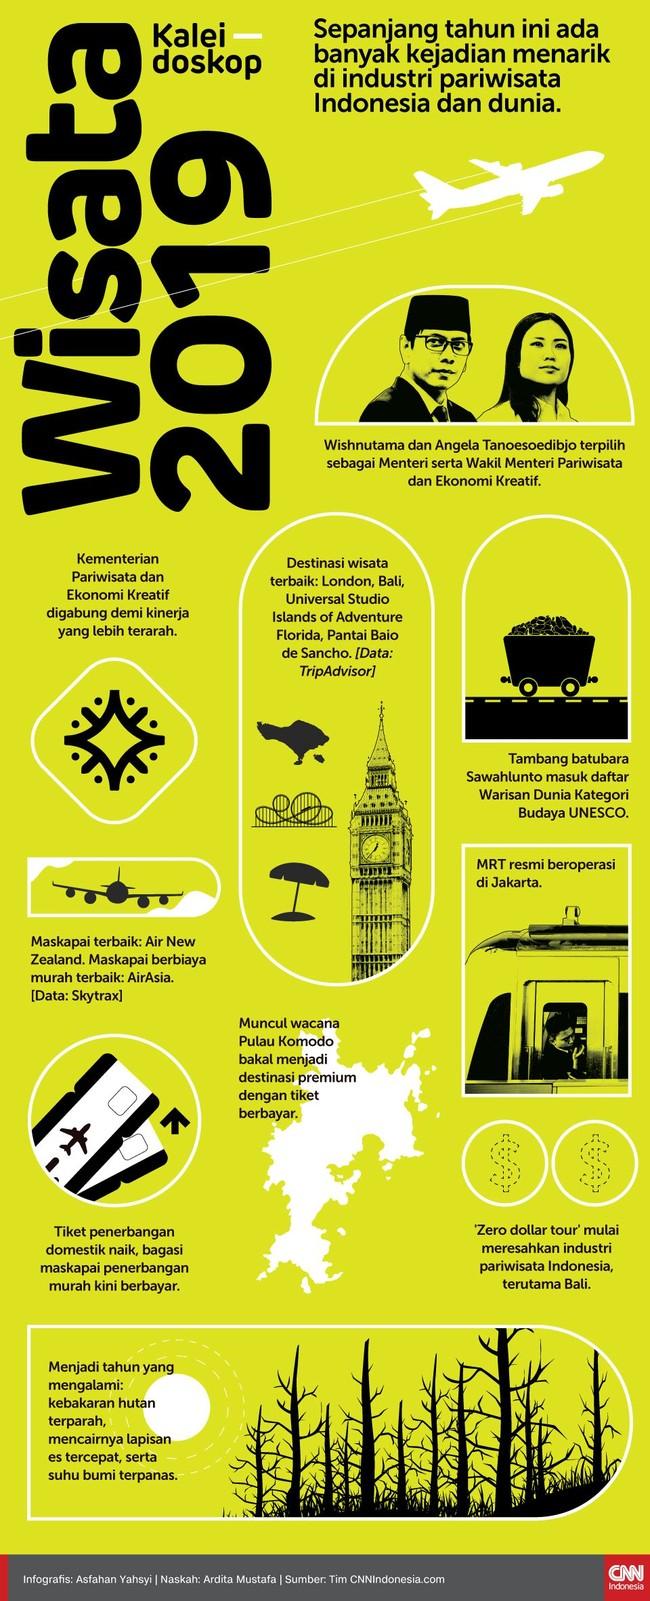 Sepanjang tahun ini ada banyak kejadian menarik di industri pariwisata Indonesia dan dunia.